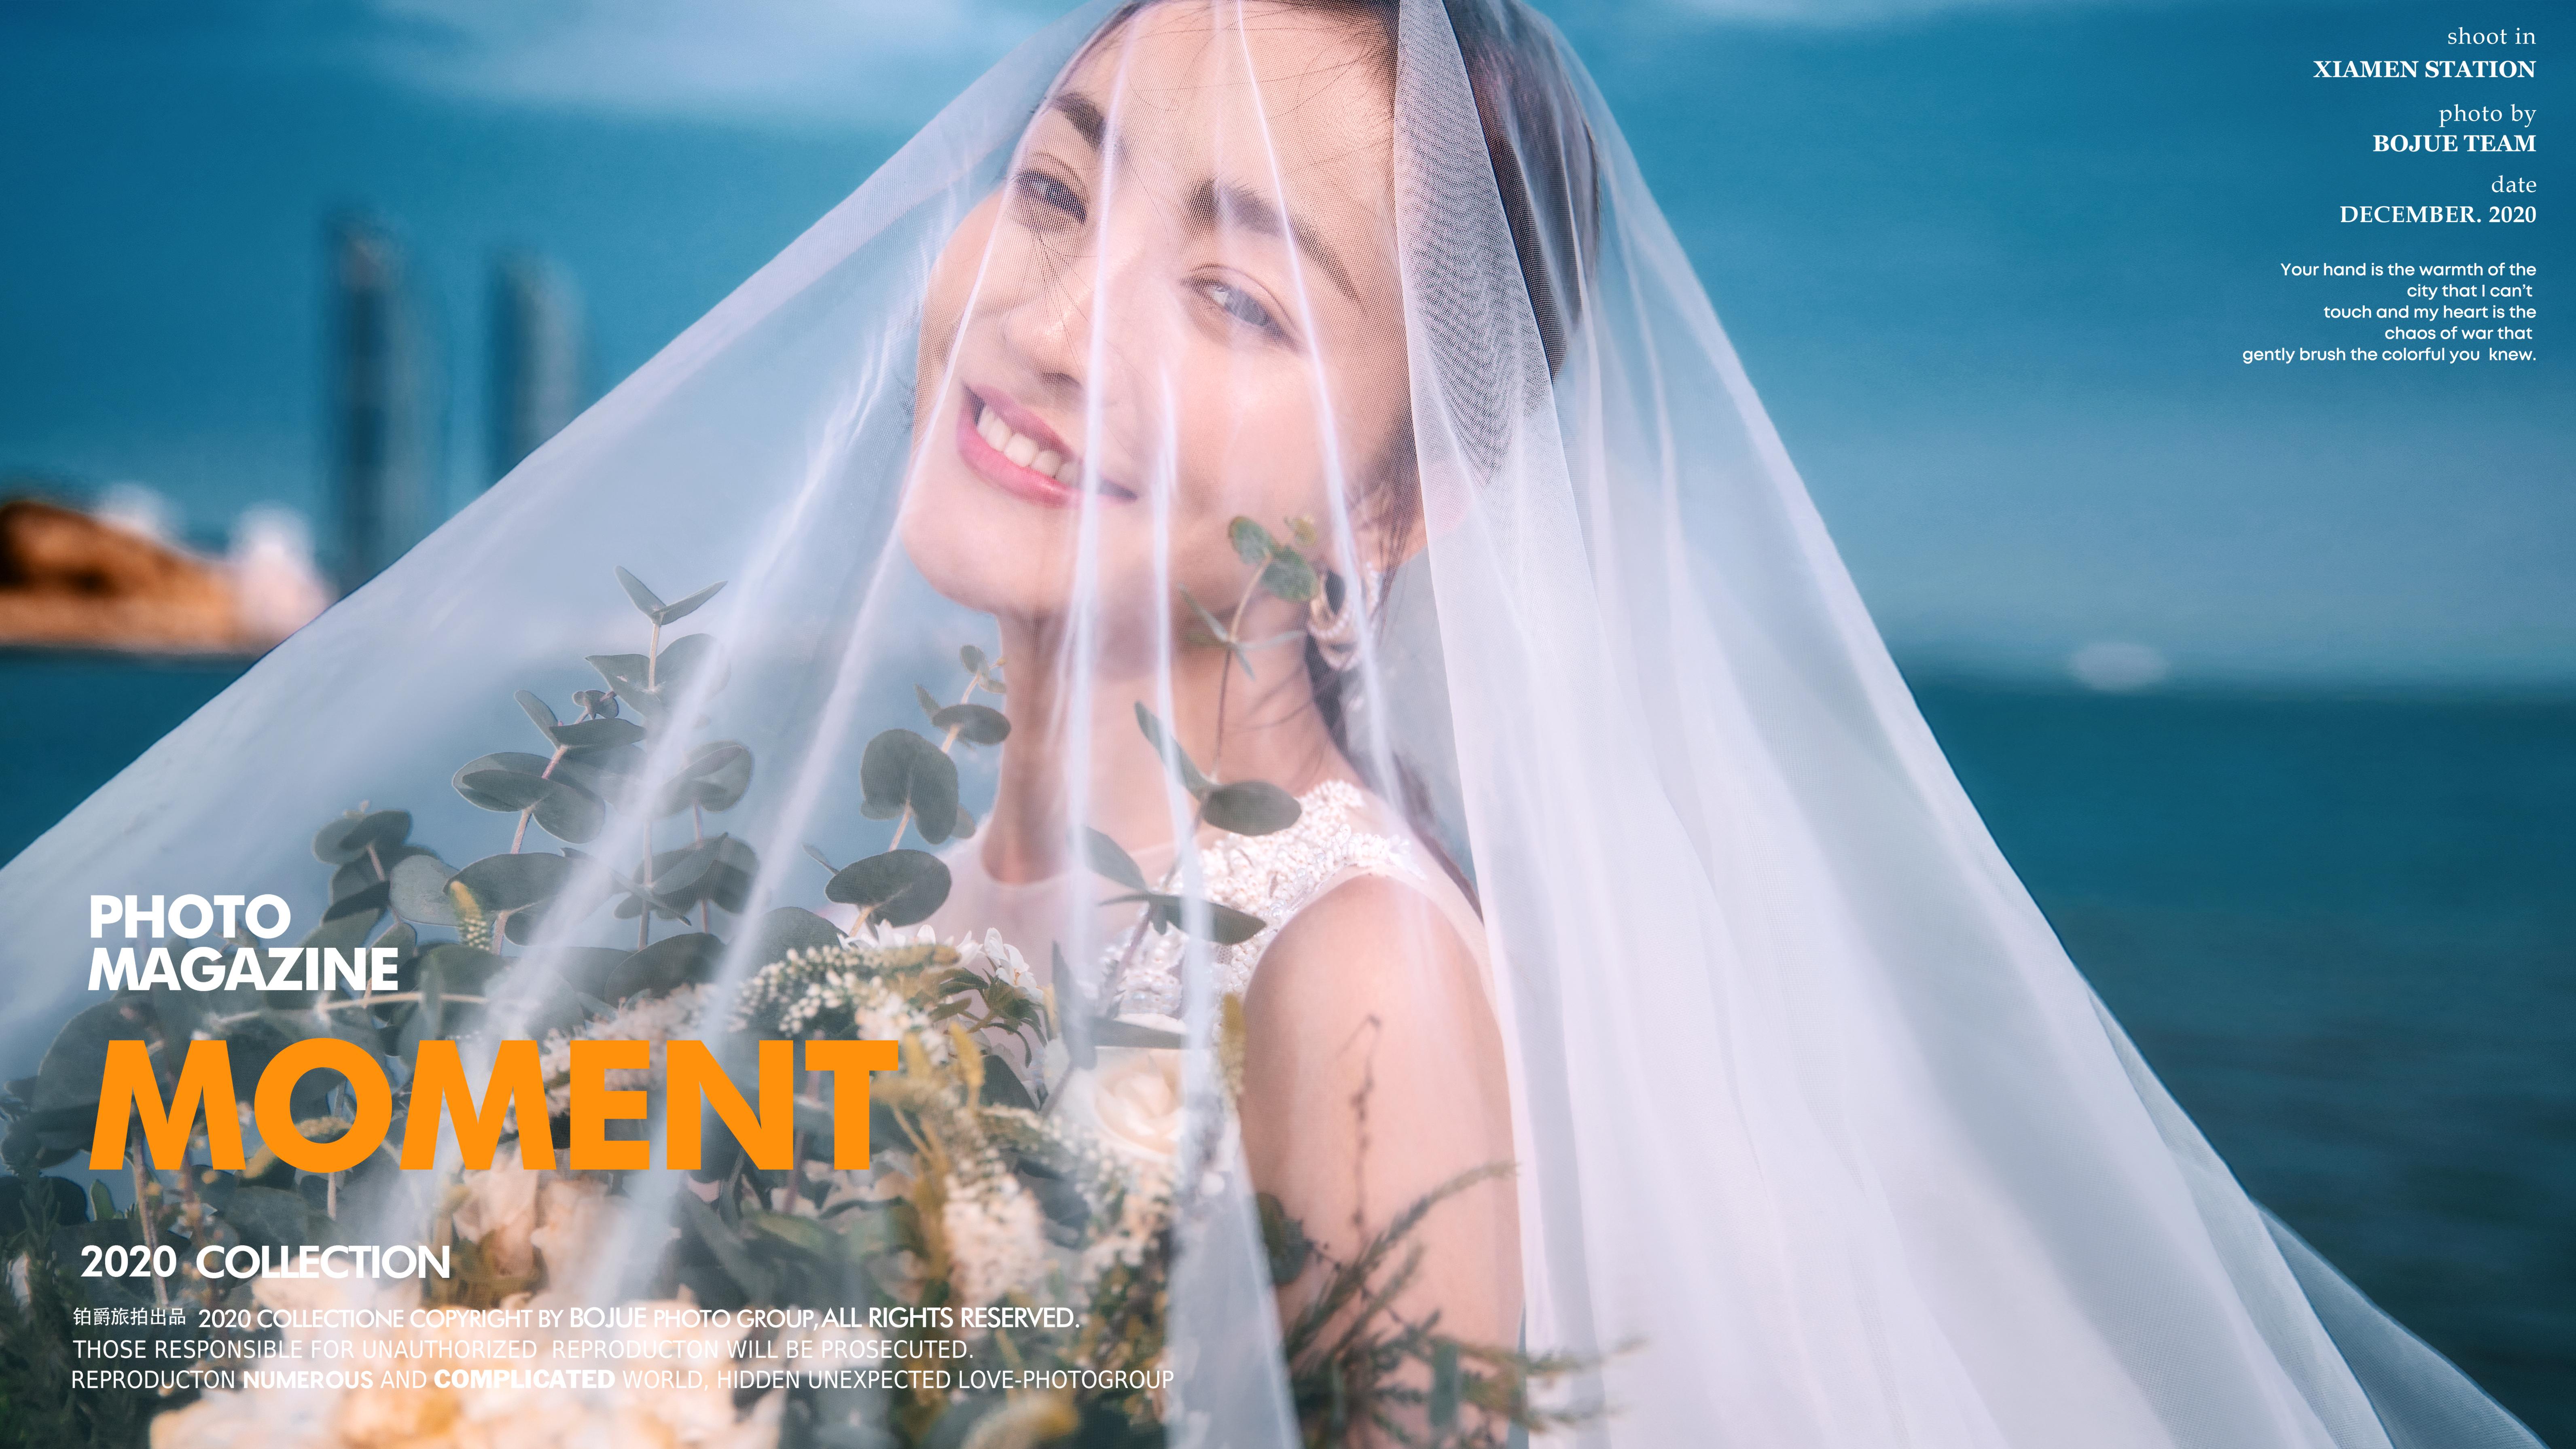 怎么知道哪家婚纱摄影机构适合自己 厦门婚纱摄影机构怎么选避免踩坑